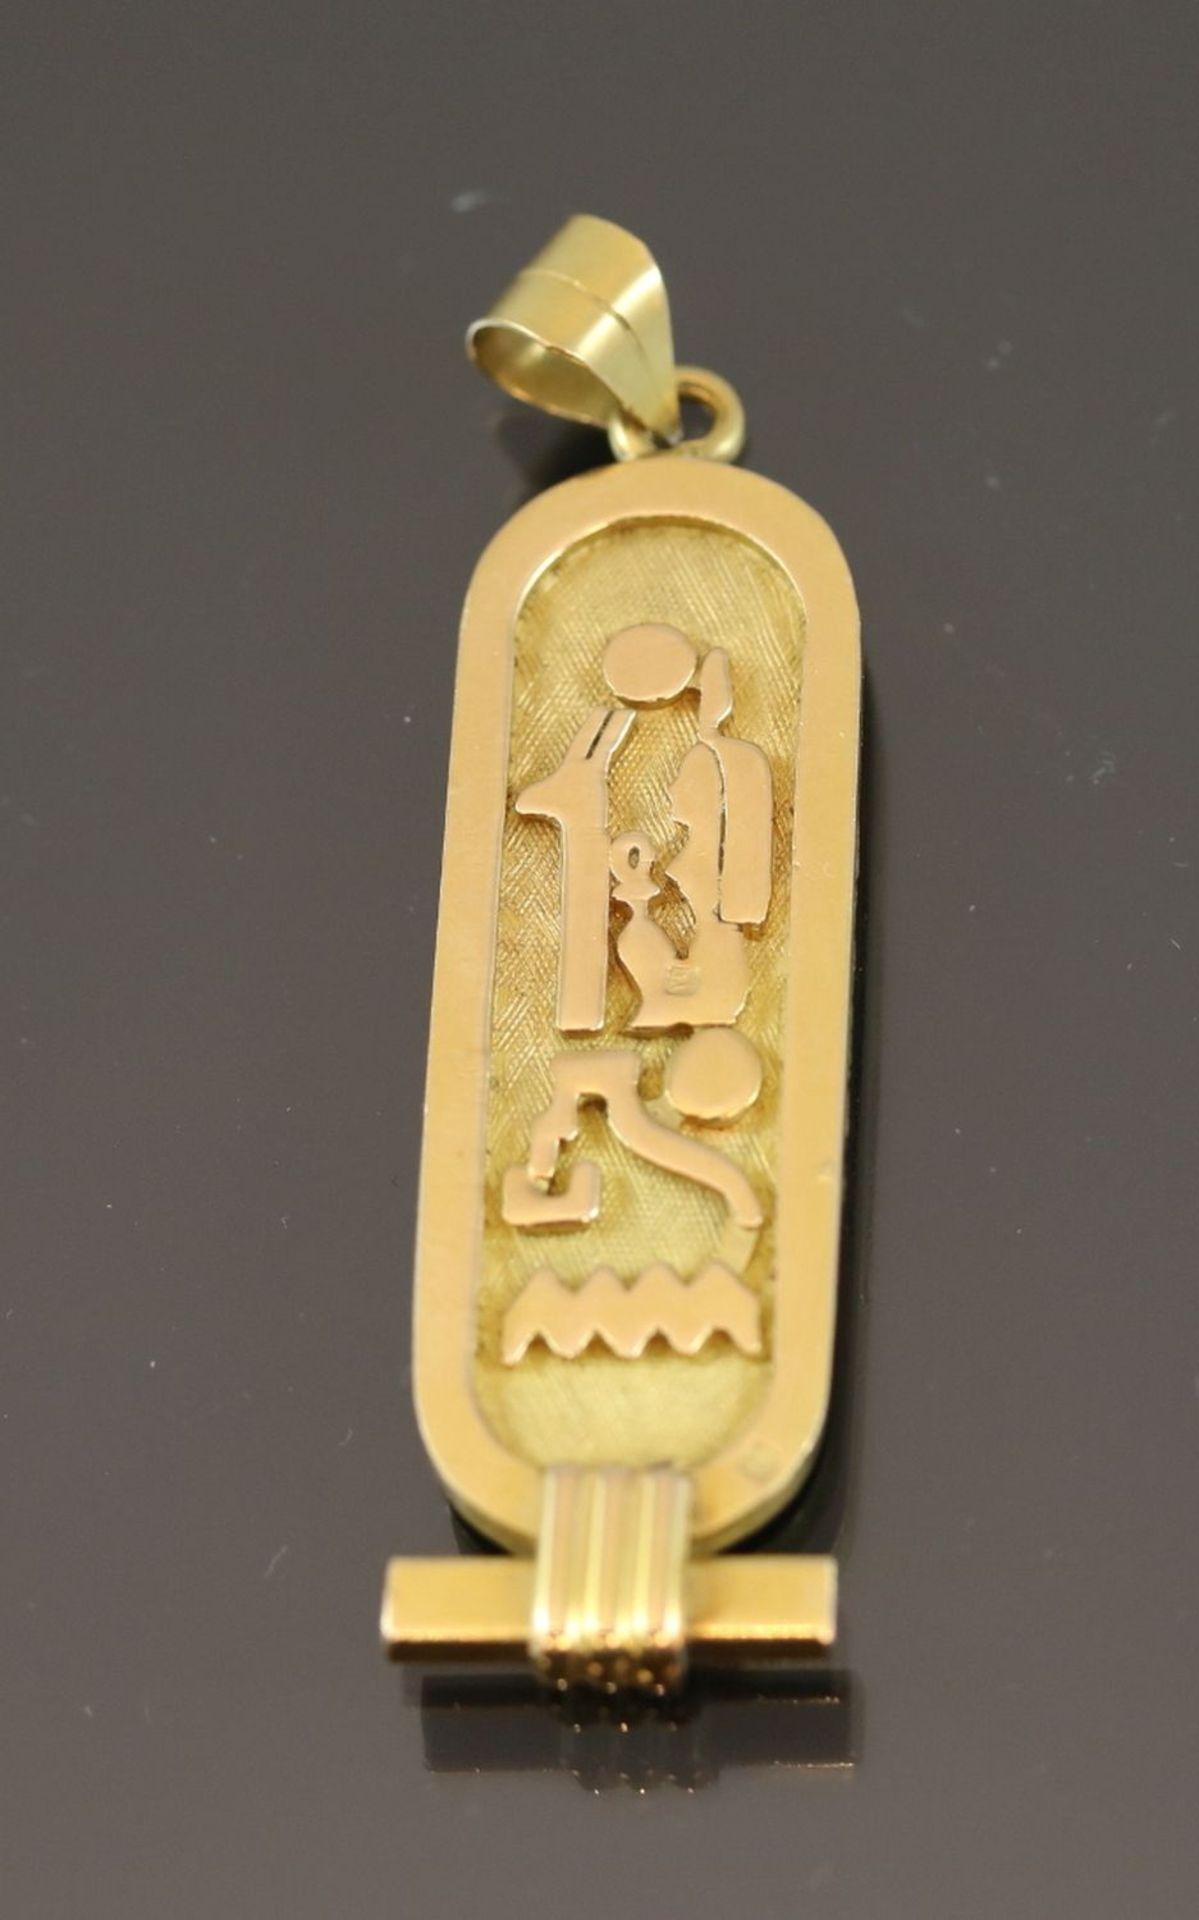 Ägyptischer-Anhänger, 900 Gold15,9 Gramm Länge: 6 cm - Bild 4 aus 4